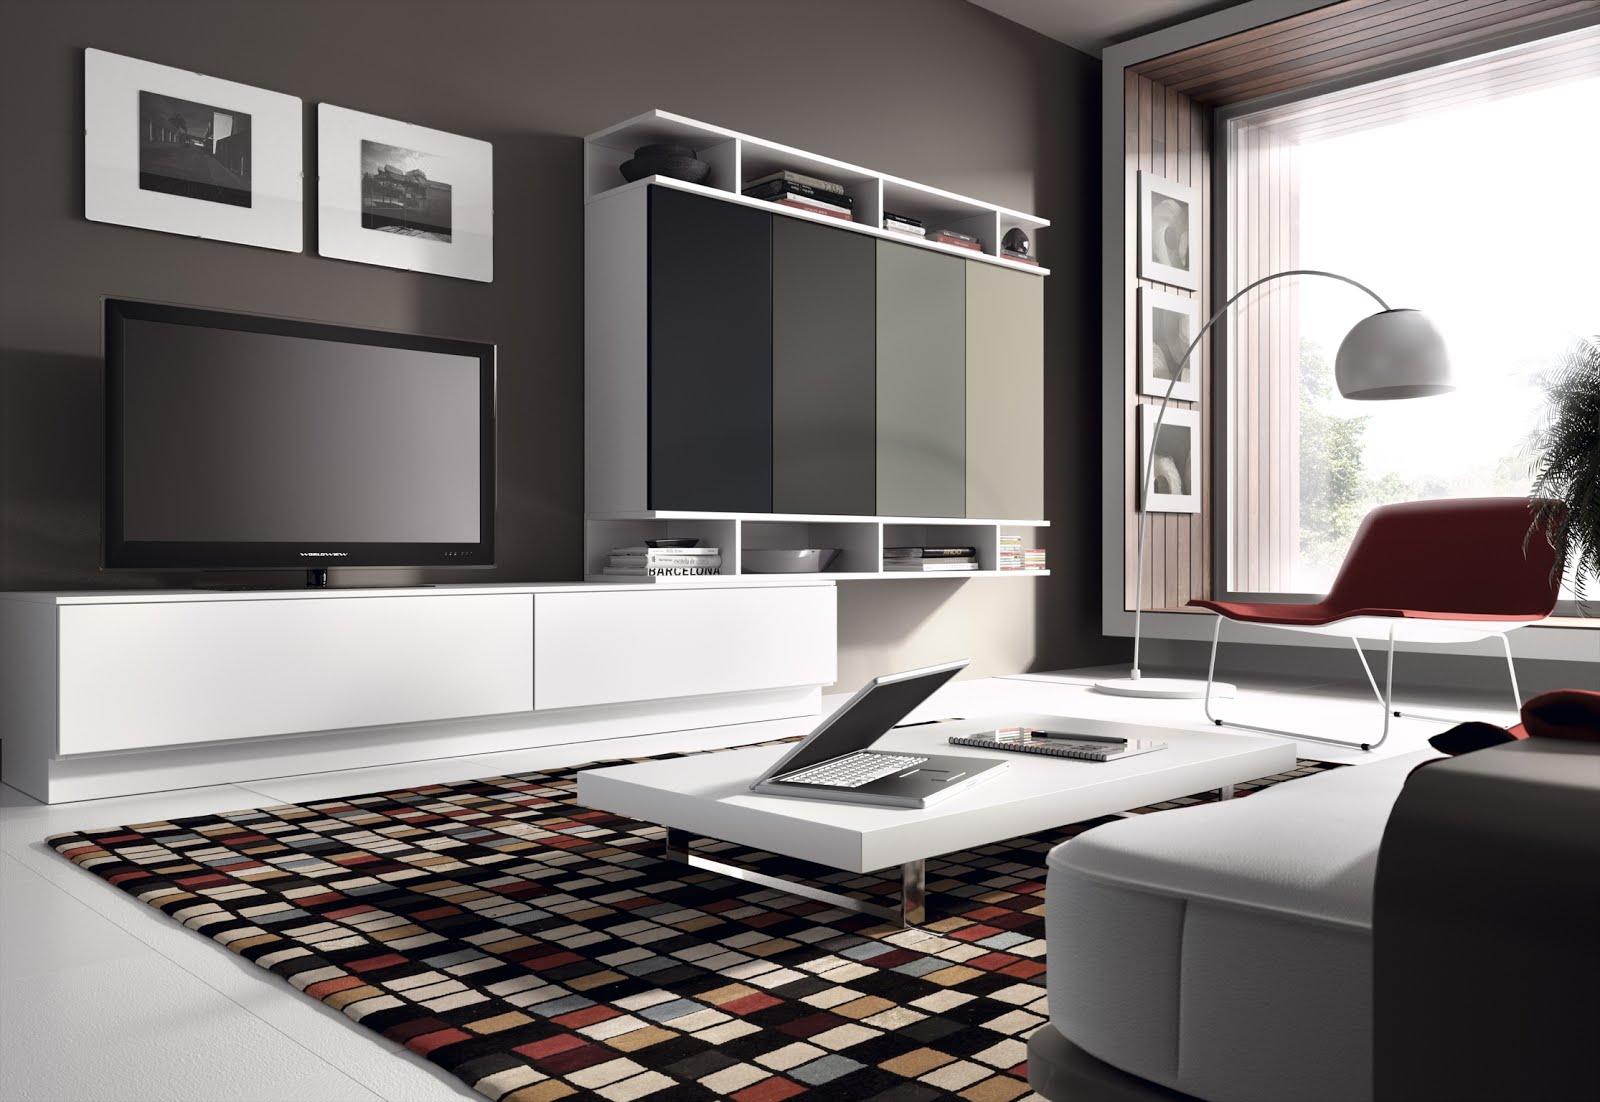 Muebles baratos encuentr sof s baratos blog de moda - Muebles low cost ...